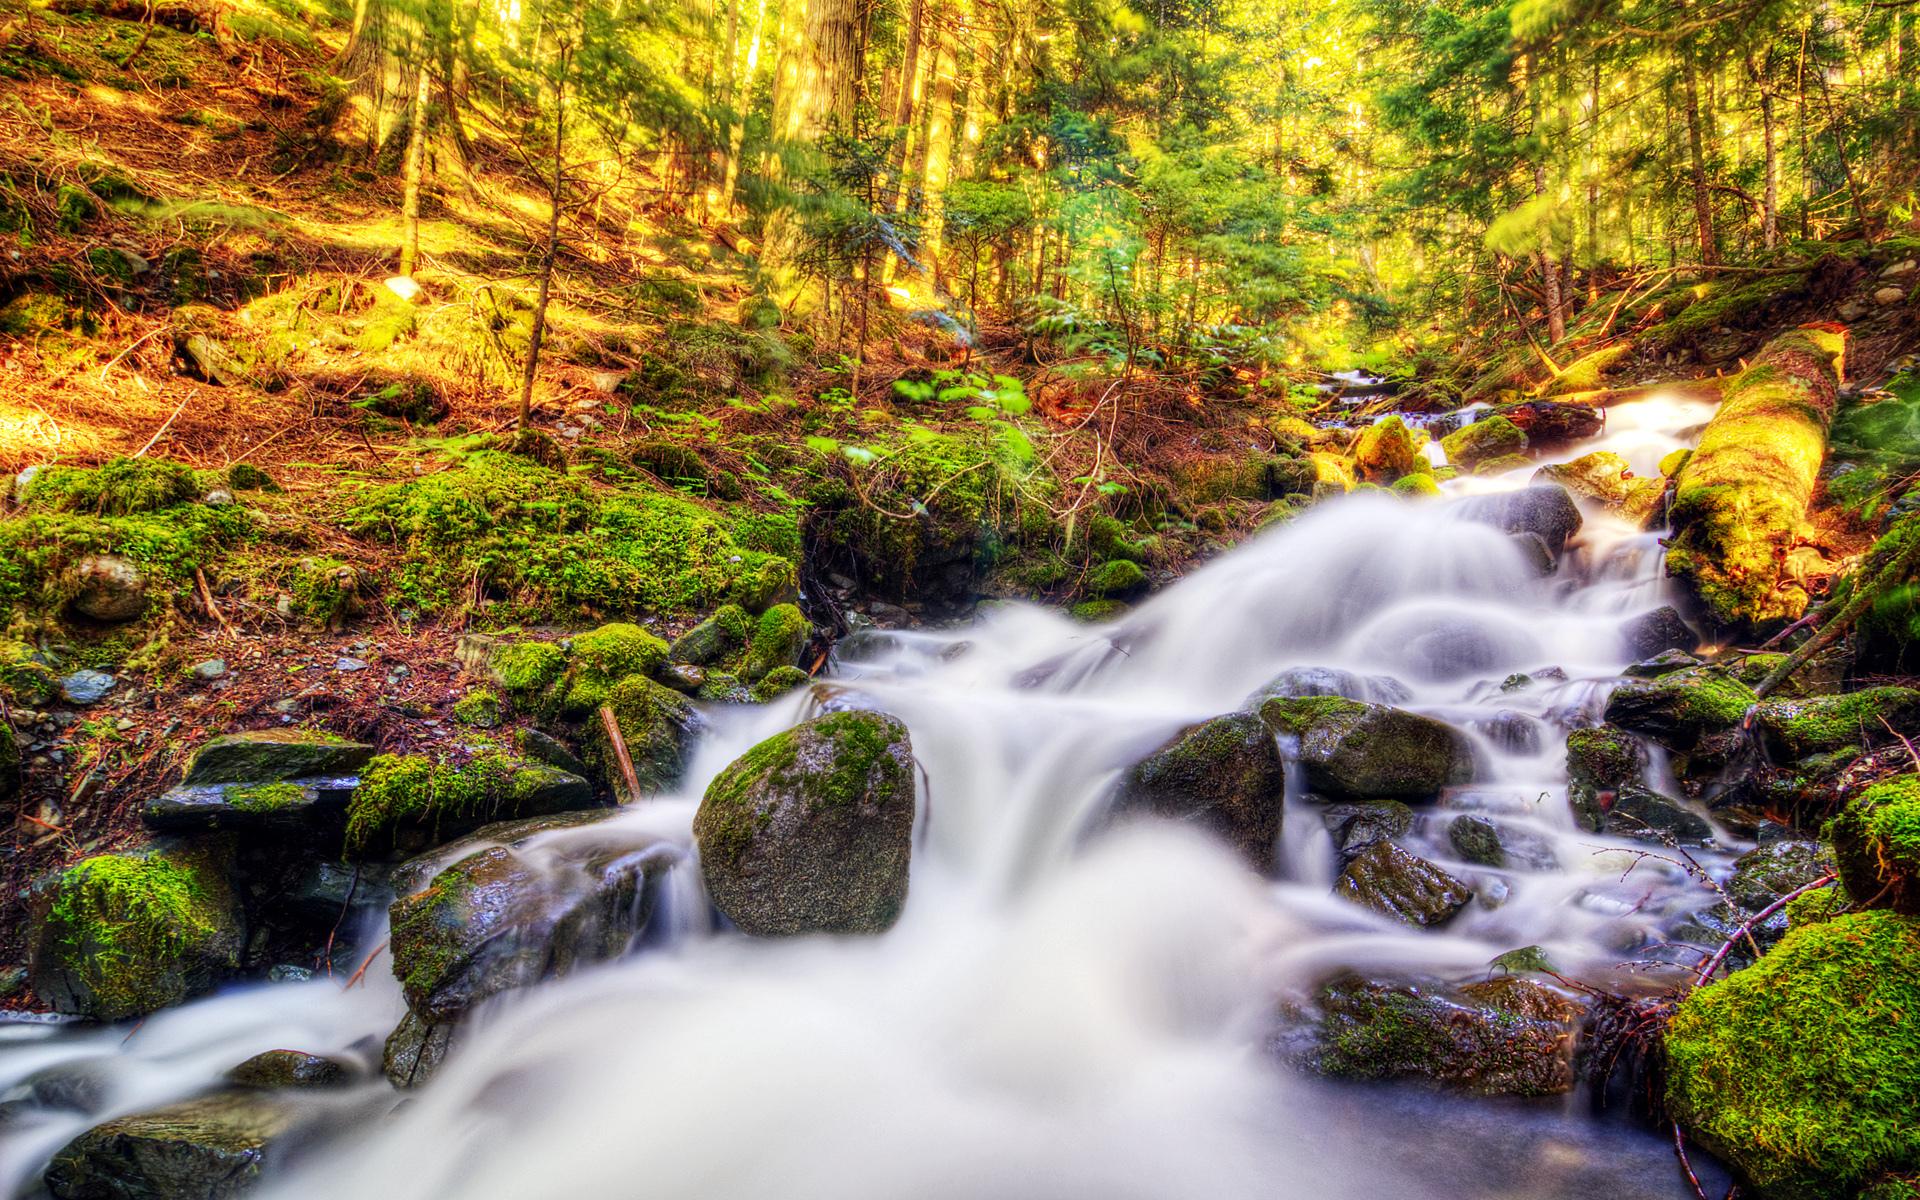 【v粉壁纸】壮丽的自然风景-资源分享-vivo智能手机v